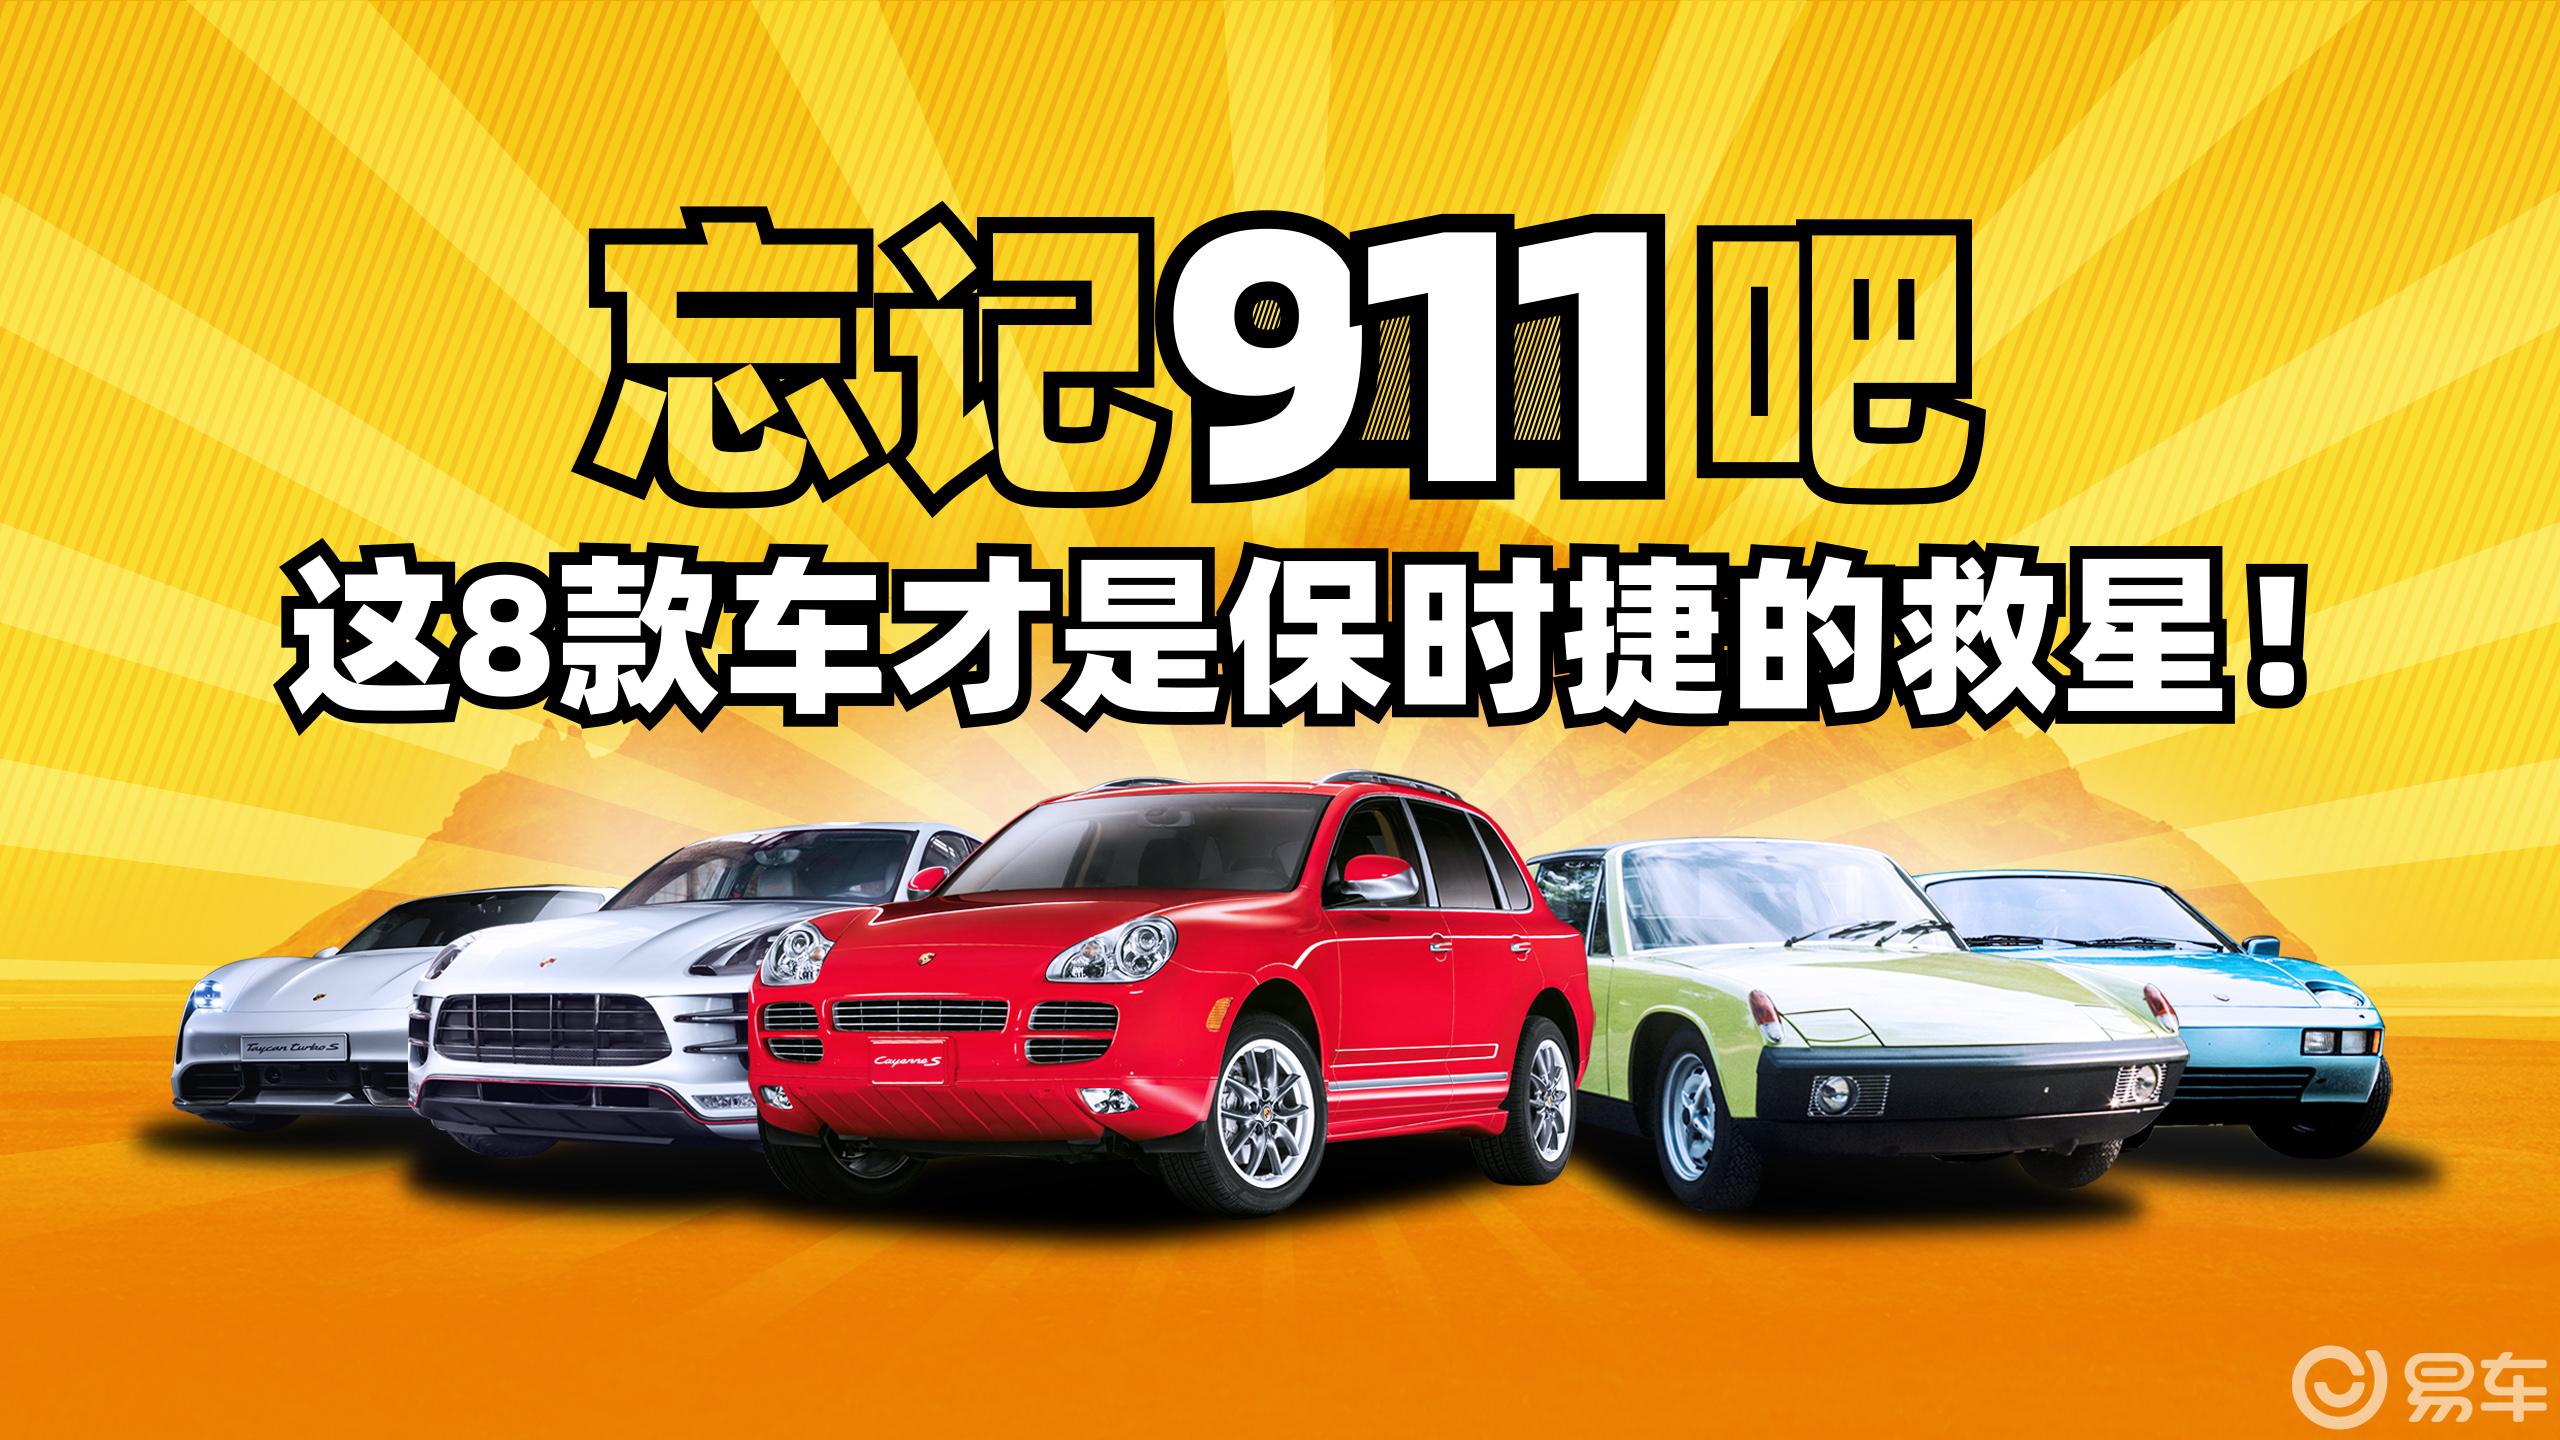 忘记911吧......这8款车才是保时捷的救星!